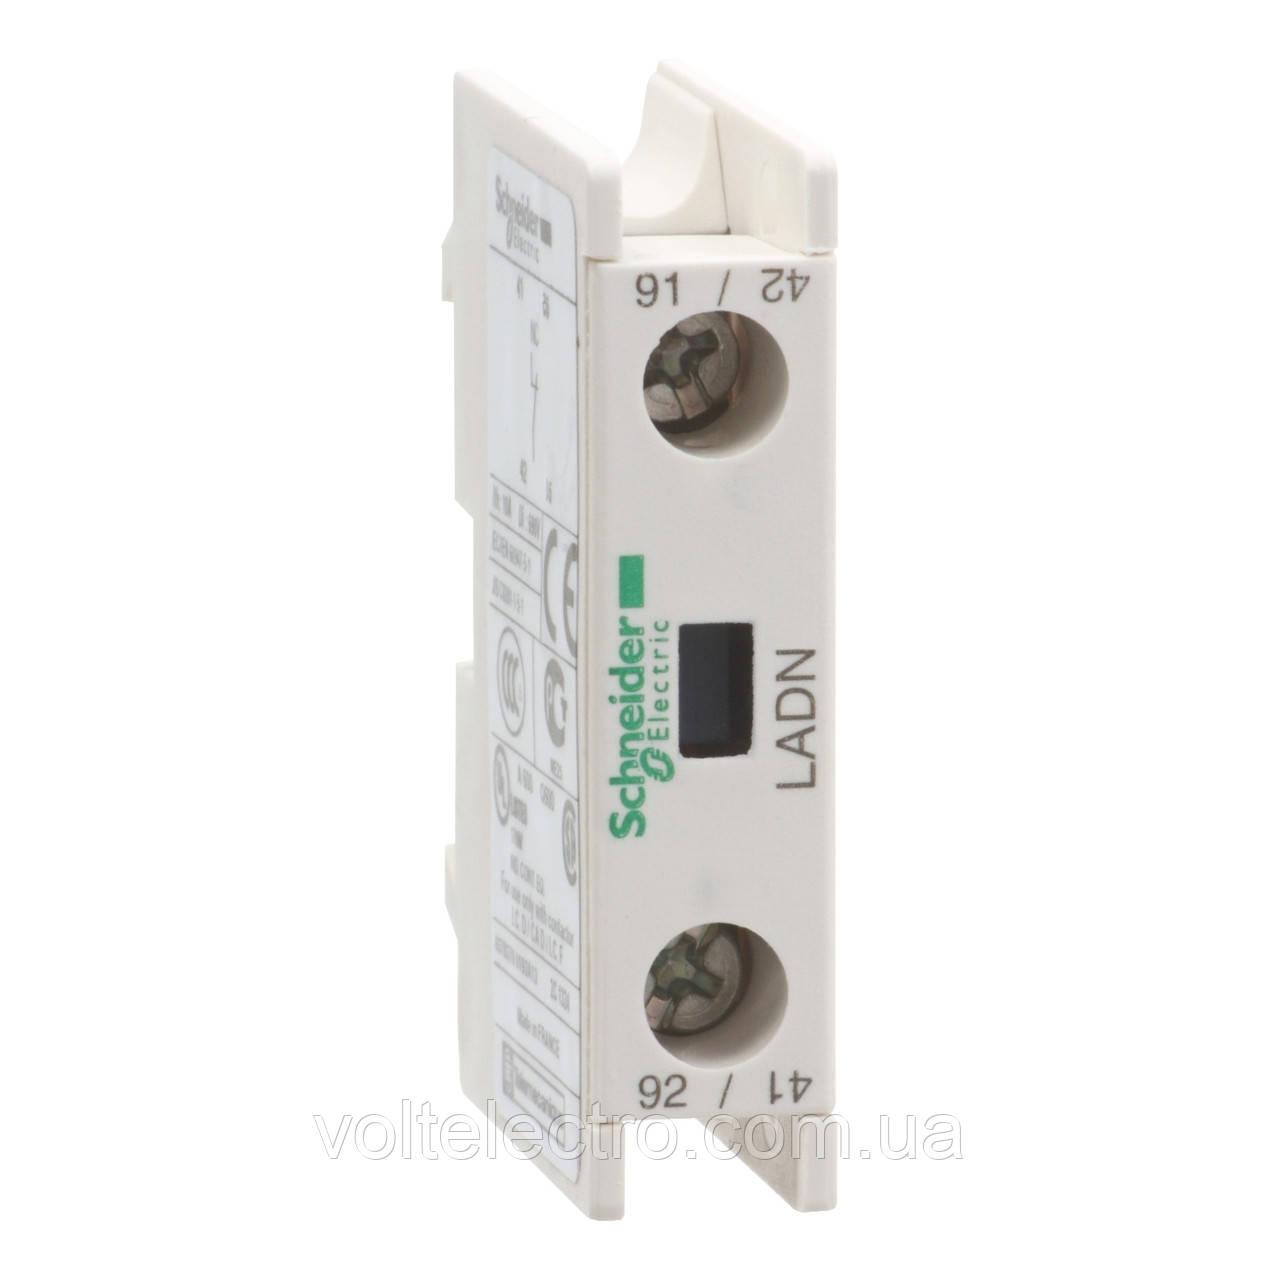 Блок контактный дополнительный к LC1-D фронтальный  1NO